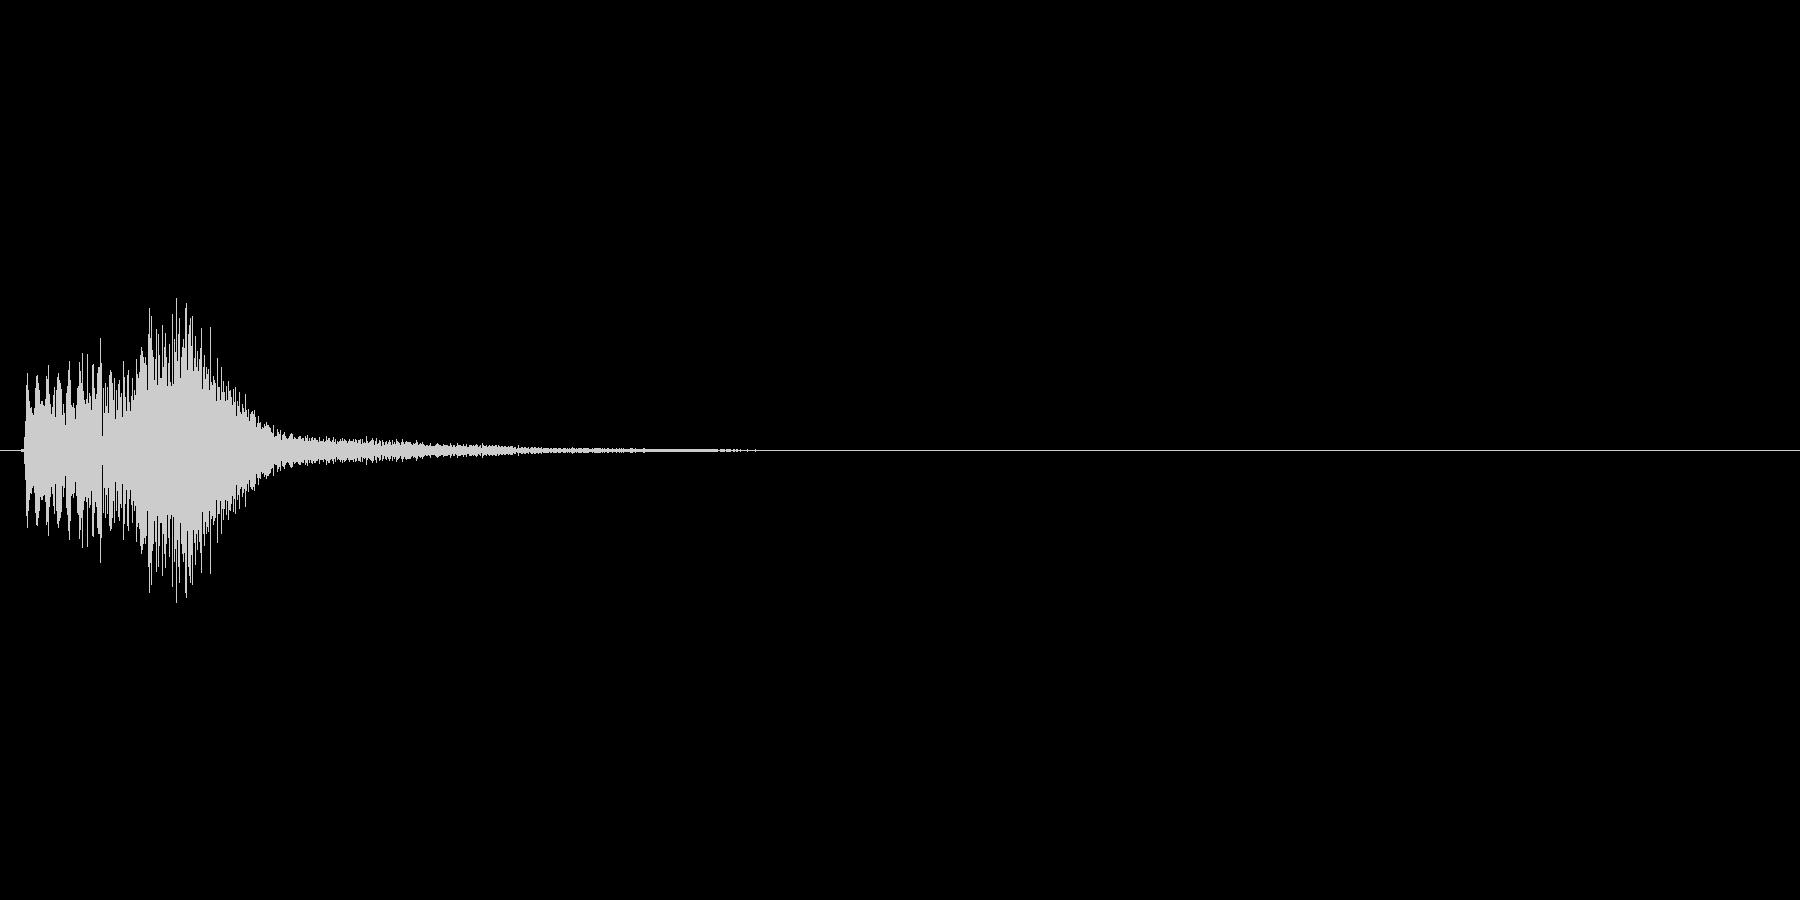 パズルゲームの連鎖における1段階目の音の未再生の波形